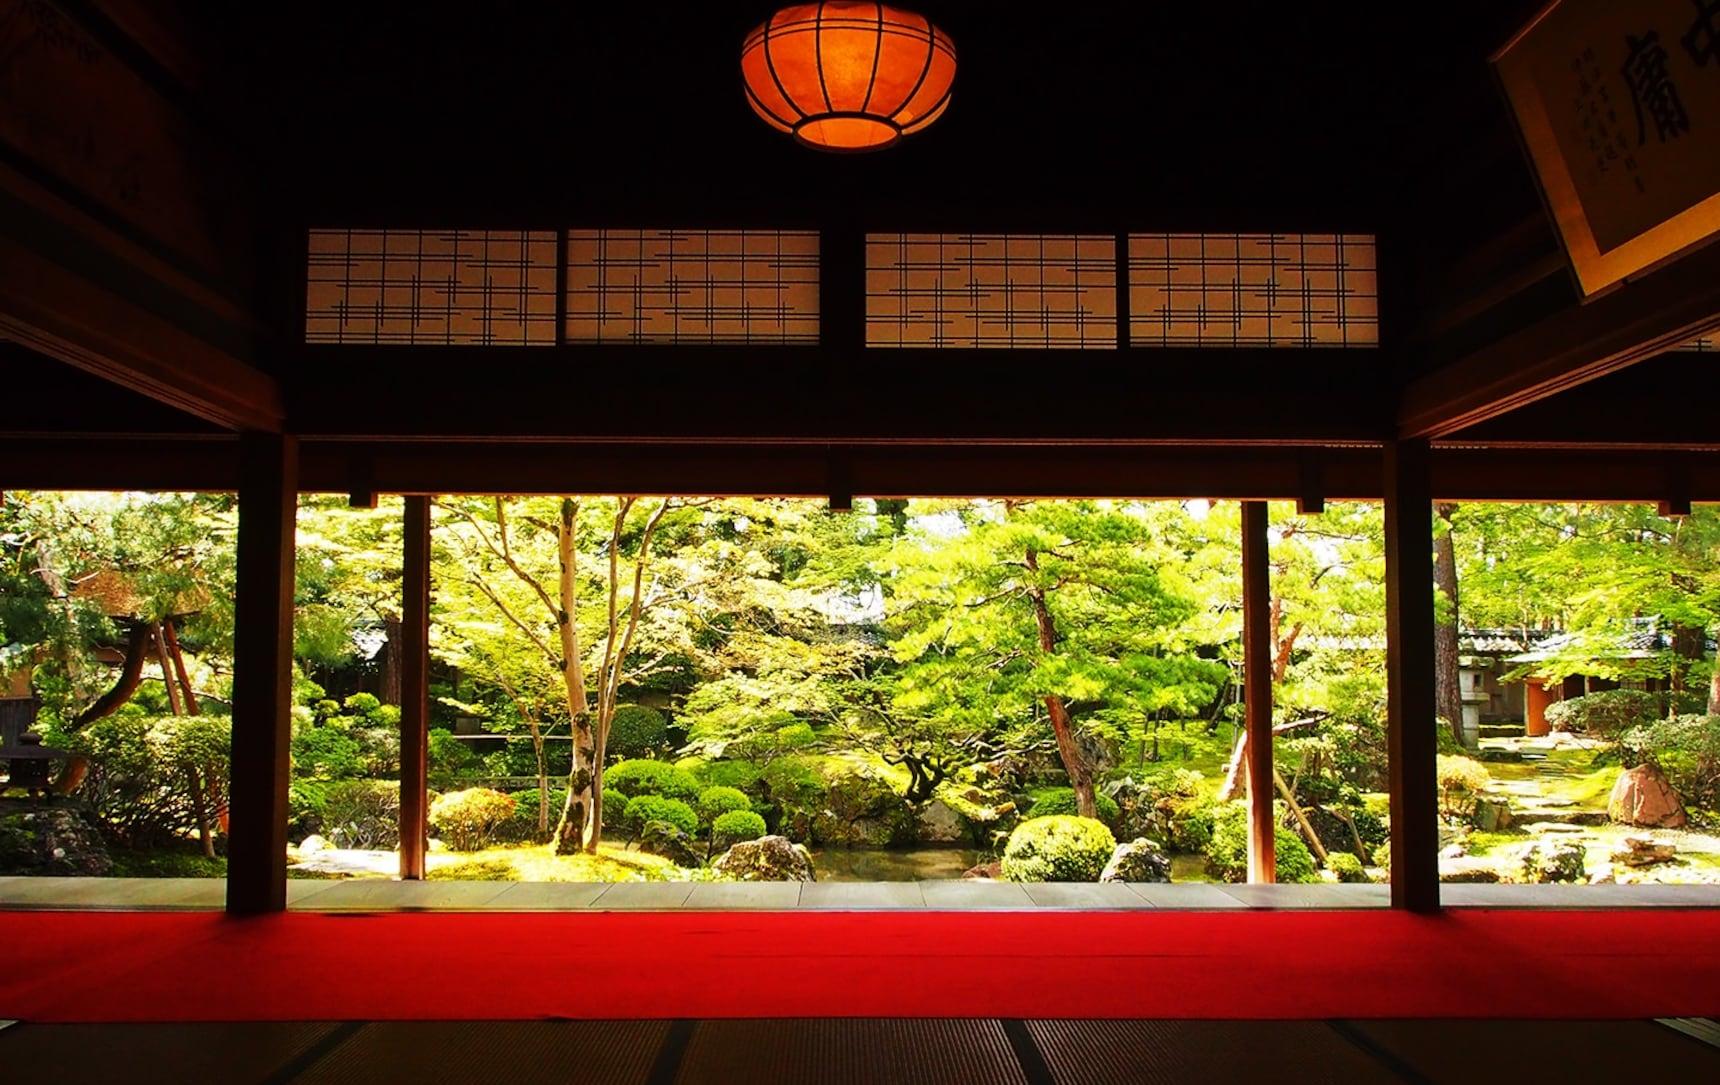 教授带你深度游:见识一下日本大地主的豪宅吧!